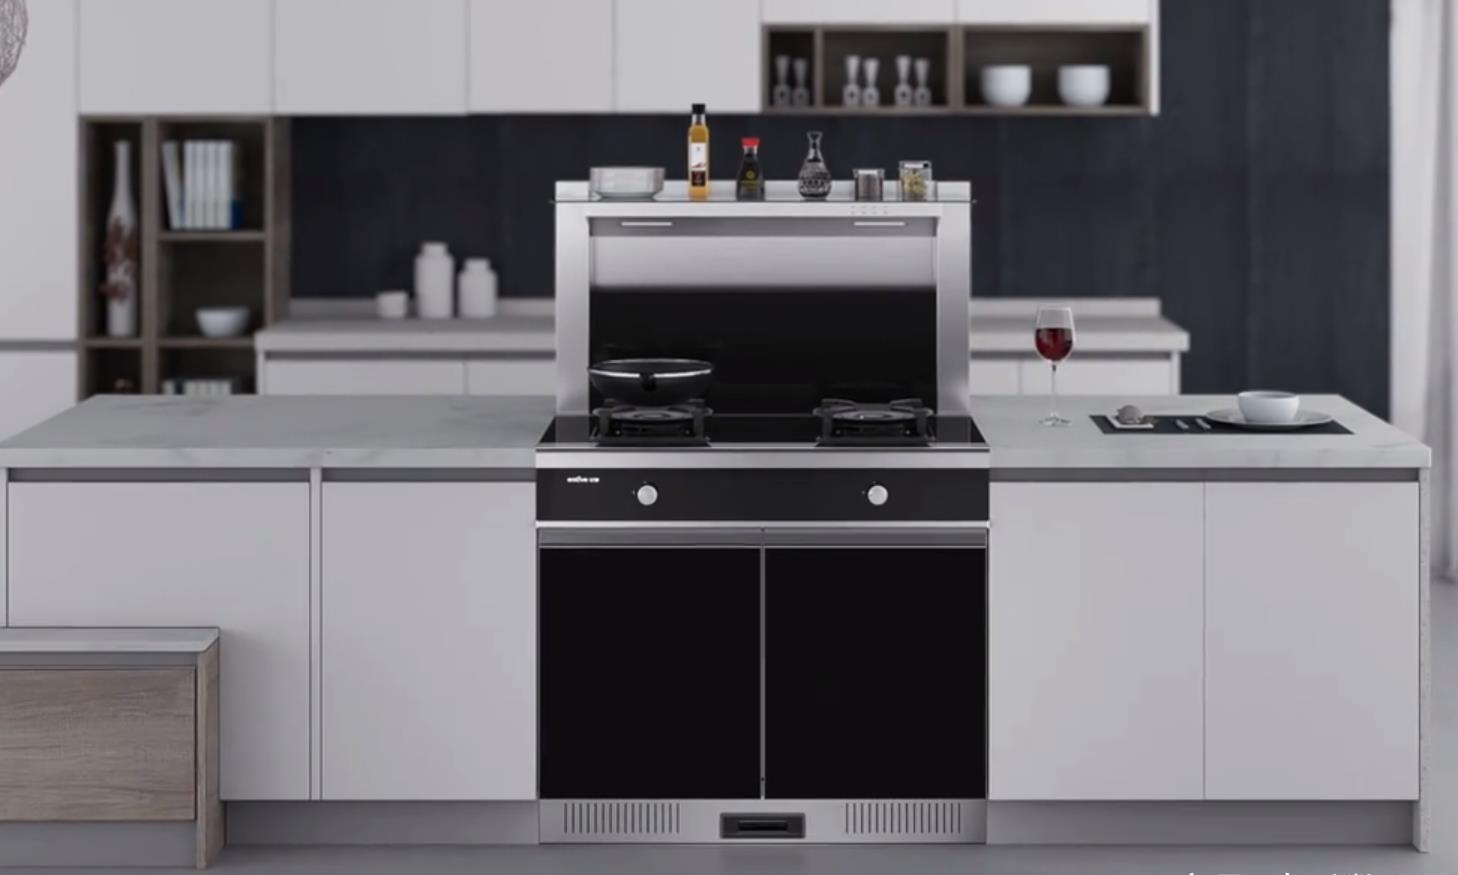 亿田集成灶硬核助攻,帮你打造优质小厨房?